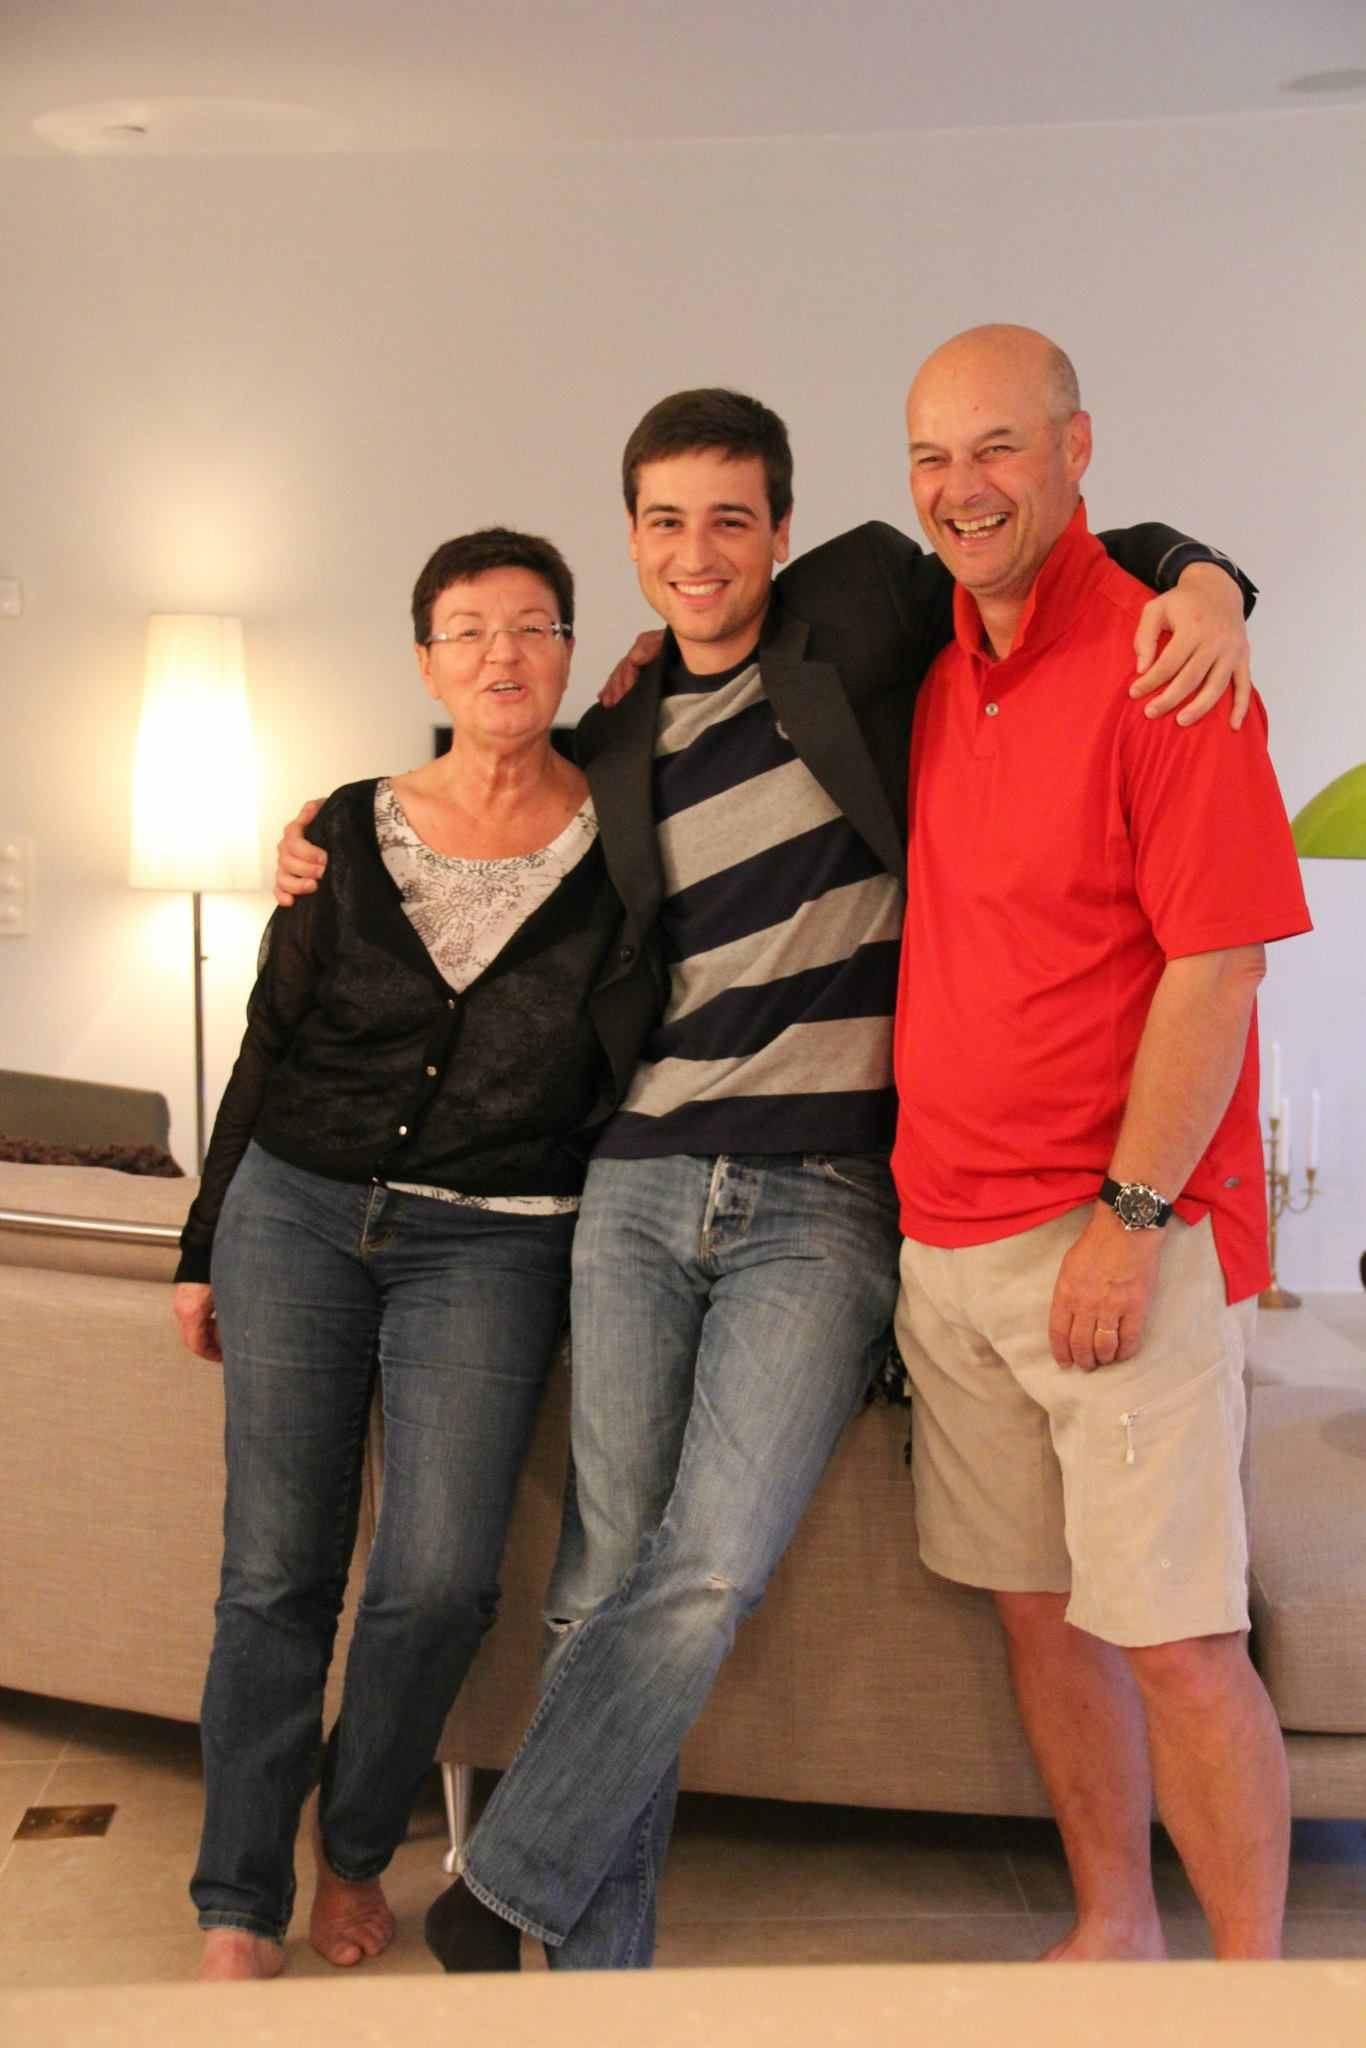 A slice of Swedish Hospitality- The Klinge Family